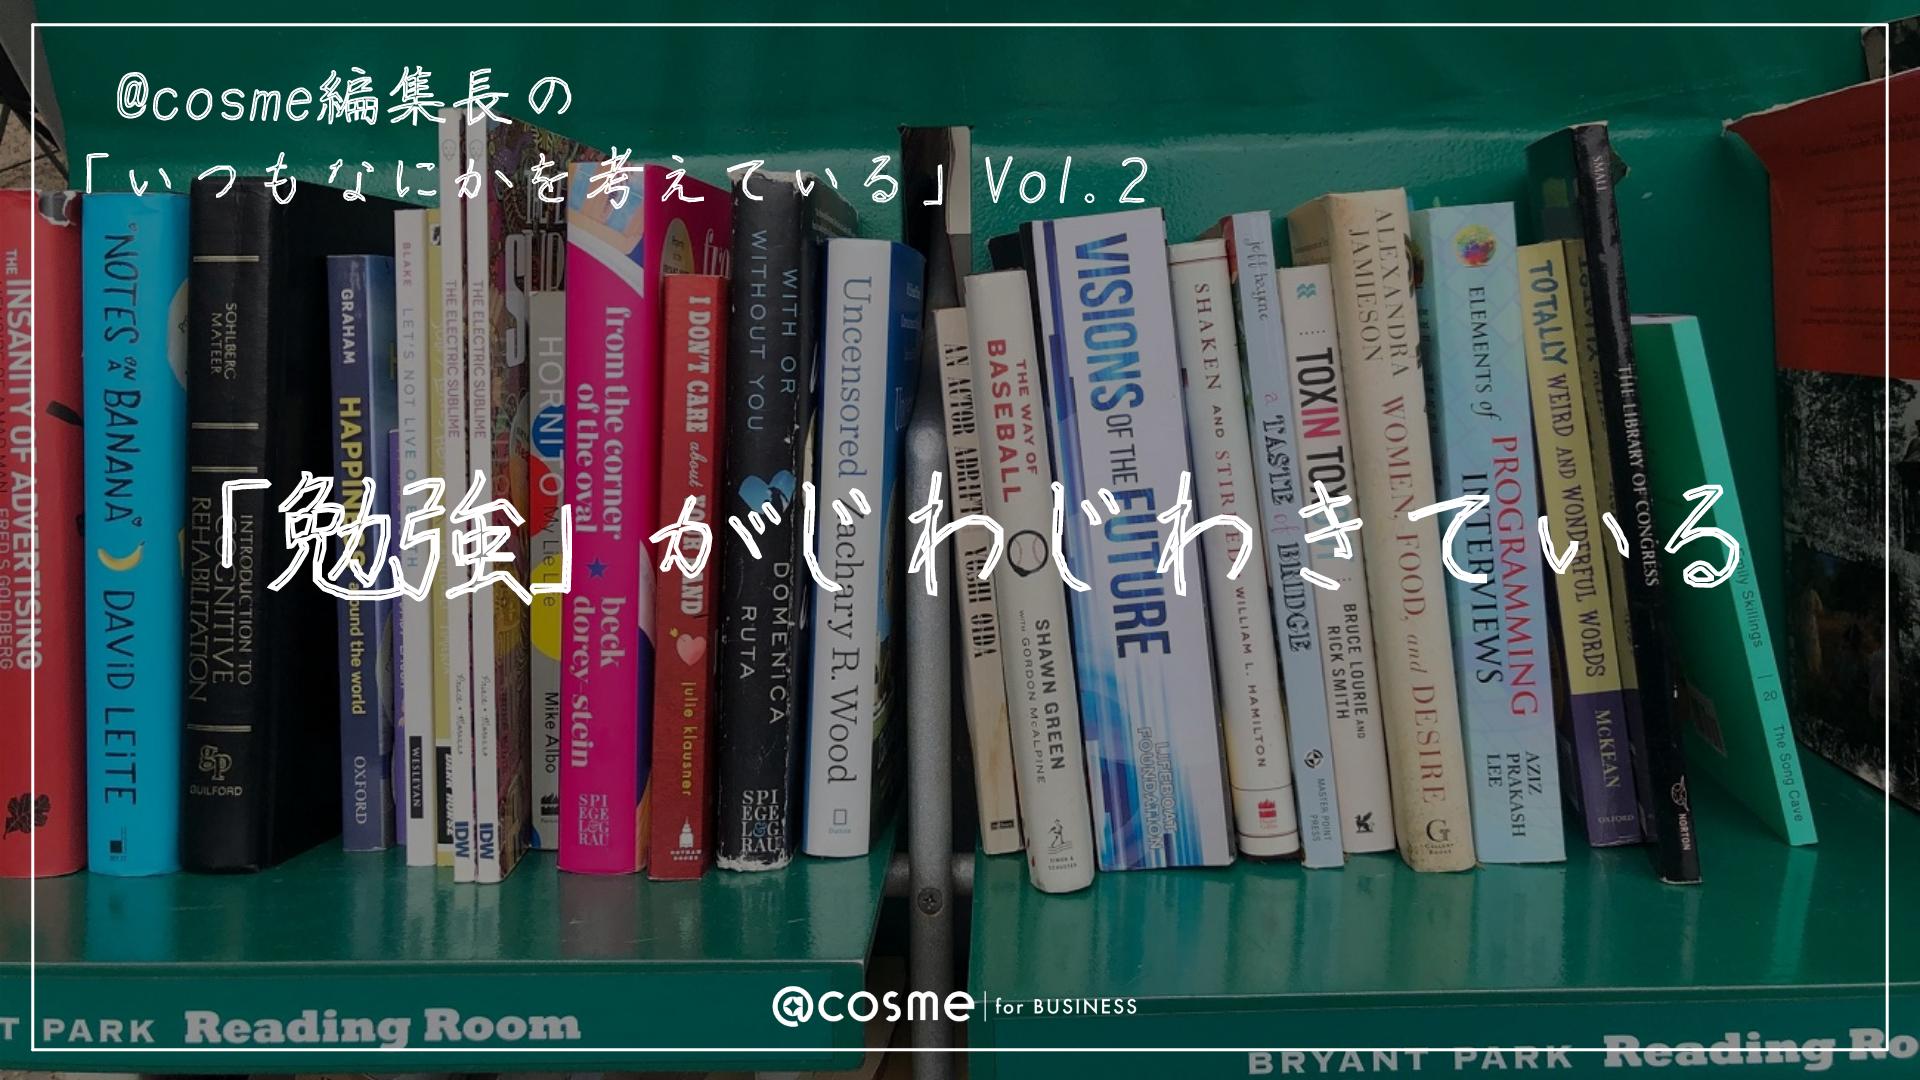 「勉強」がじわじわきている|連載:@cosme編集長の「いつもなにかを考えている」Vol.2 サムネイル画像